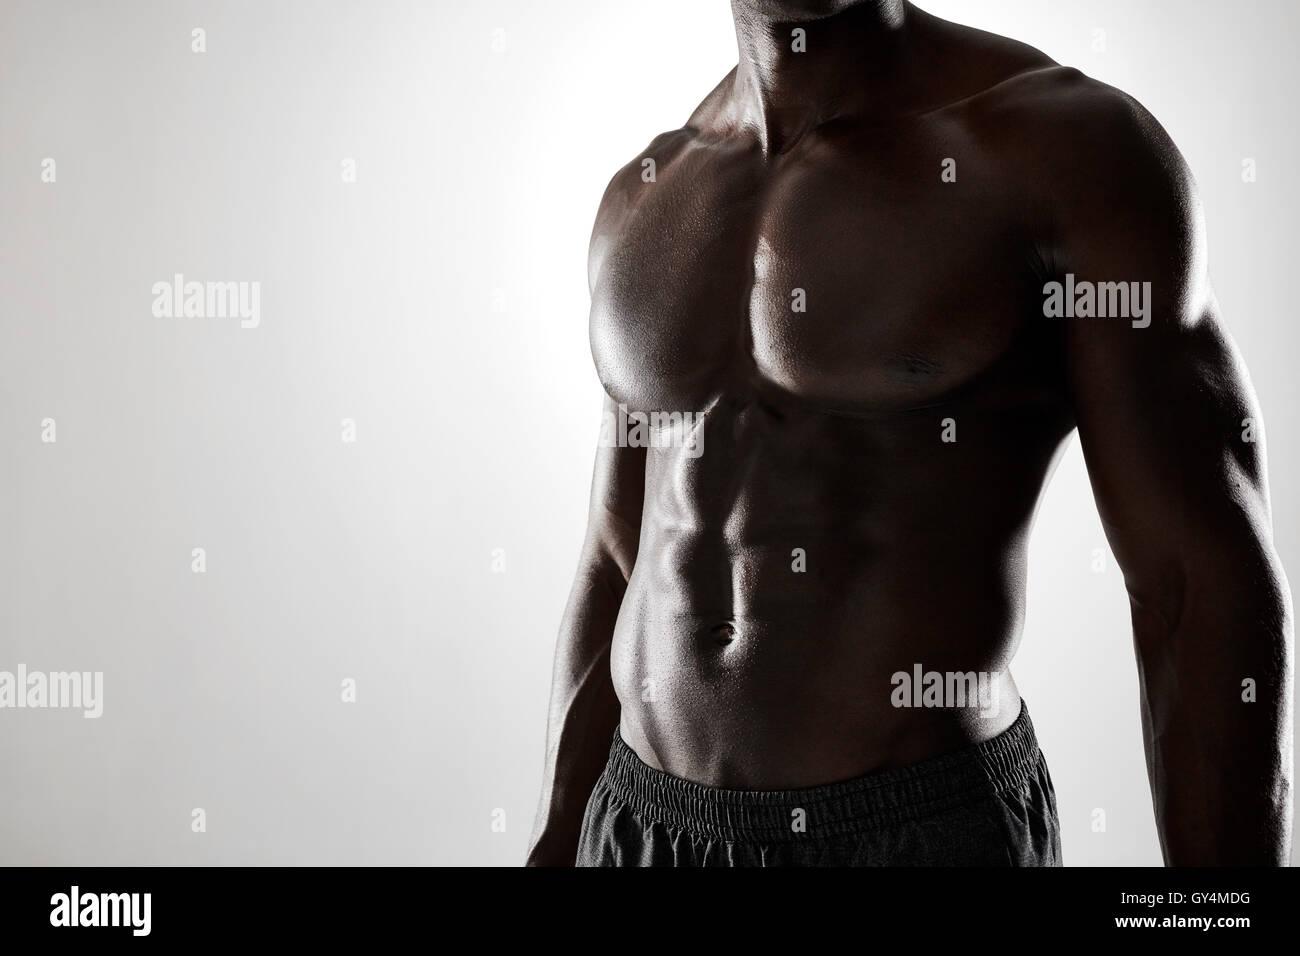 Schuss von jungen afrikanischen Mann mit muskulösen Körper vor ...